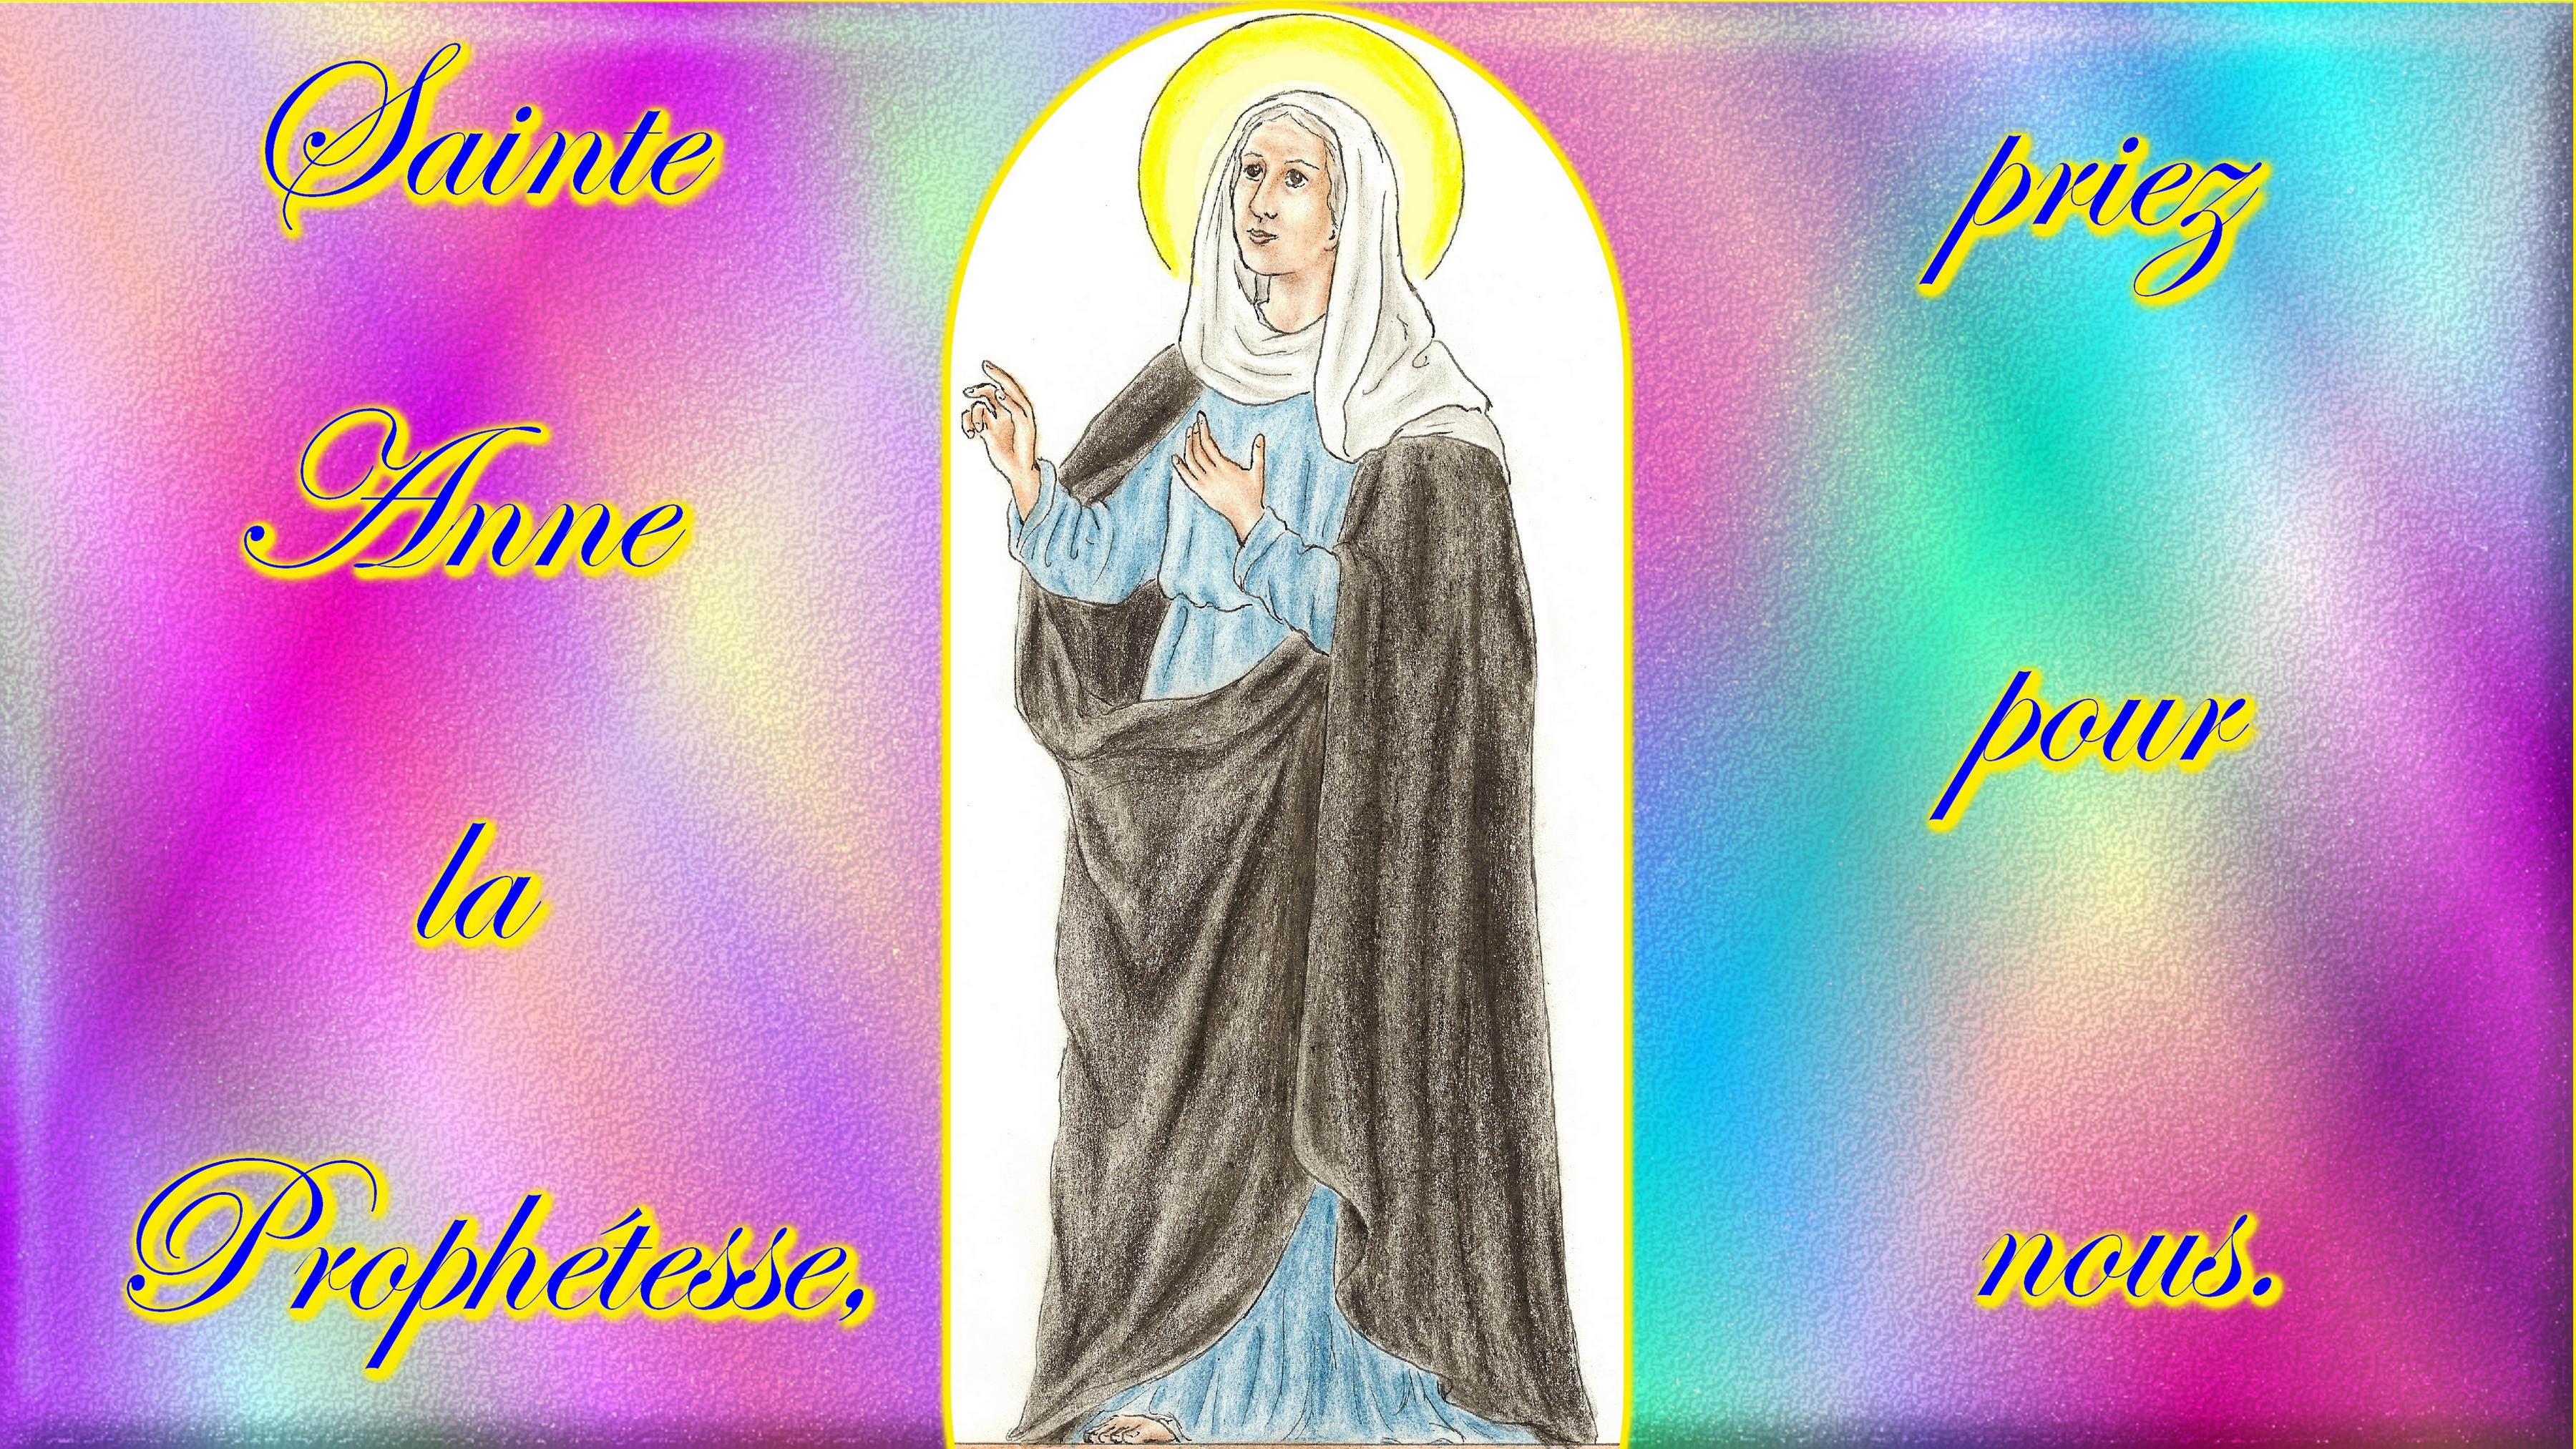 CALENDRIER CATHOLIQUE 2019 (Cantiques, Prières & Images) - Page 7 Ste-anne-la-proph-tesse-5685786